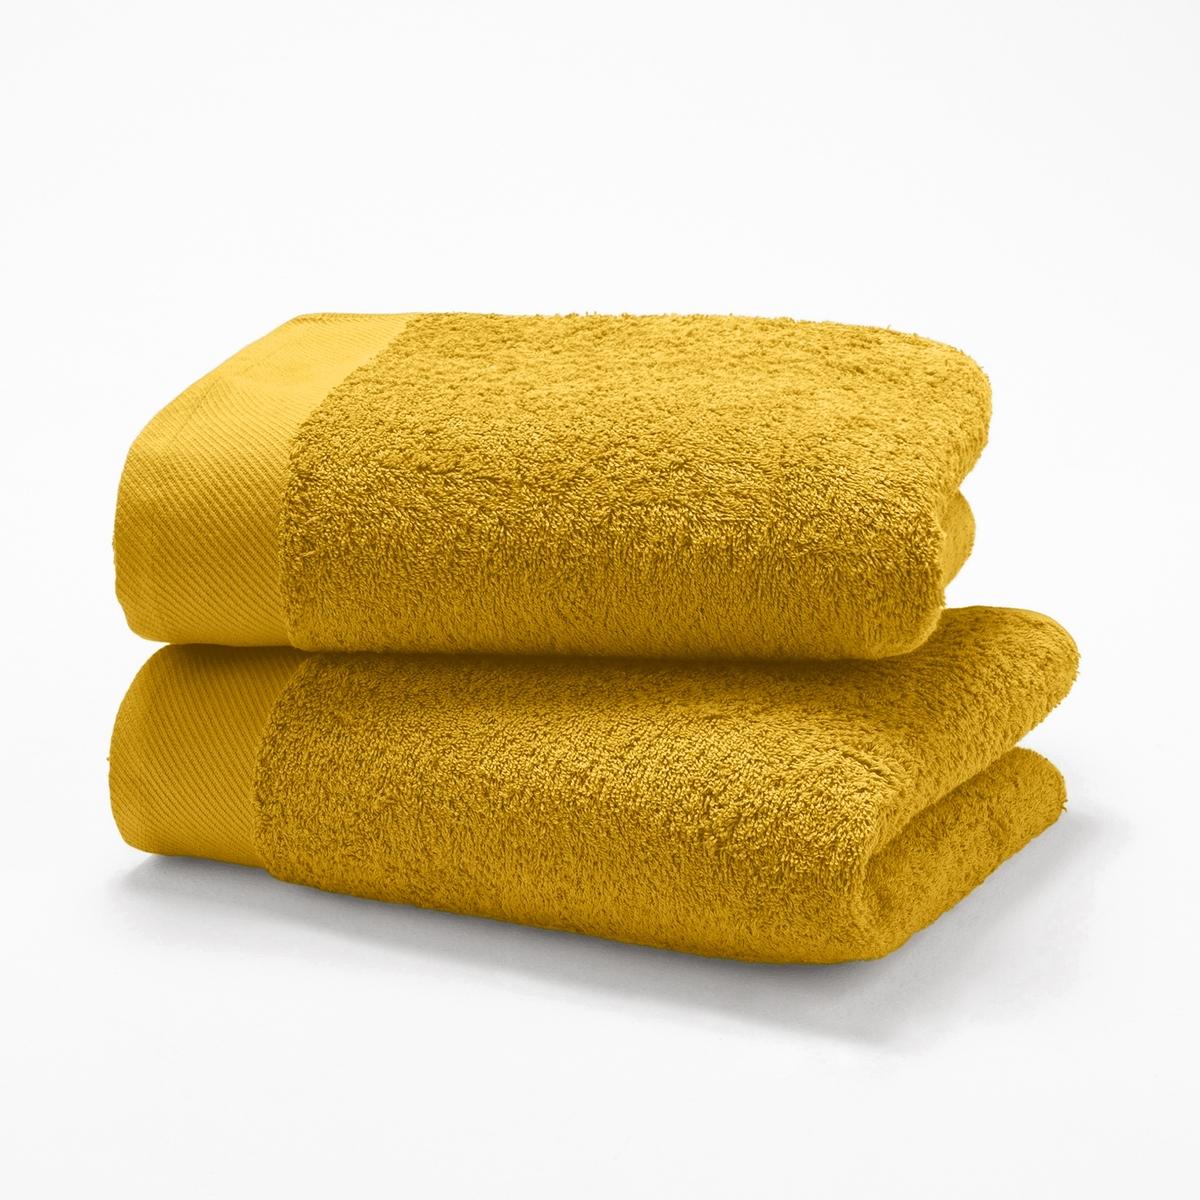 Комплект из 2 полотенец из махровой ткани 500 г/м?